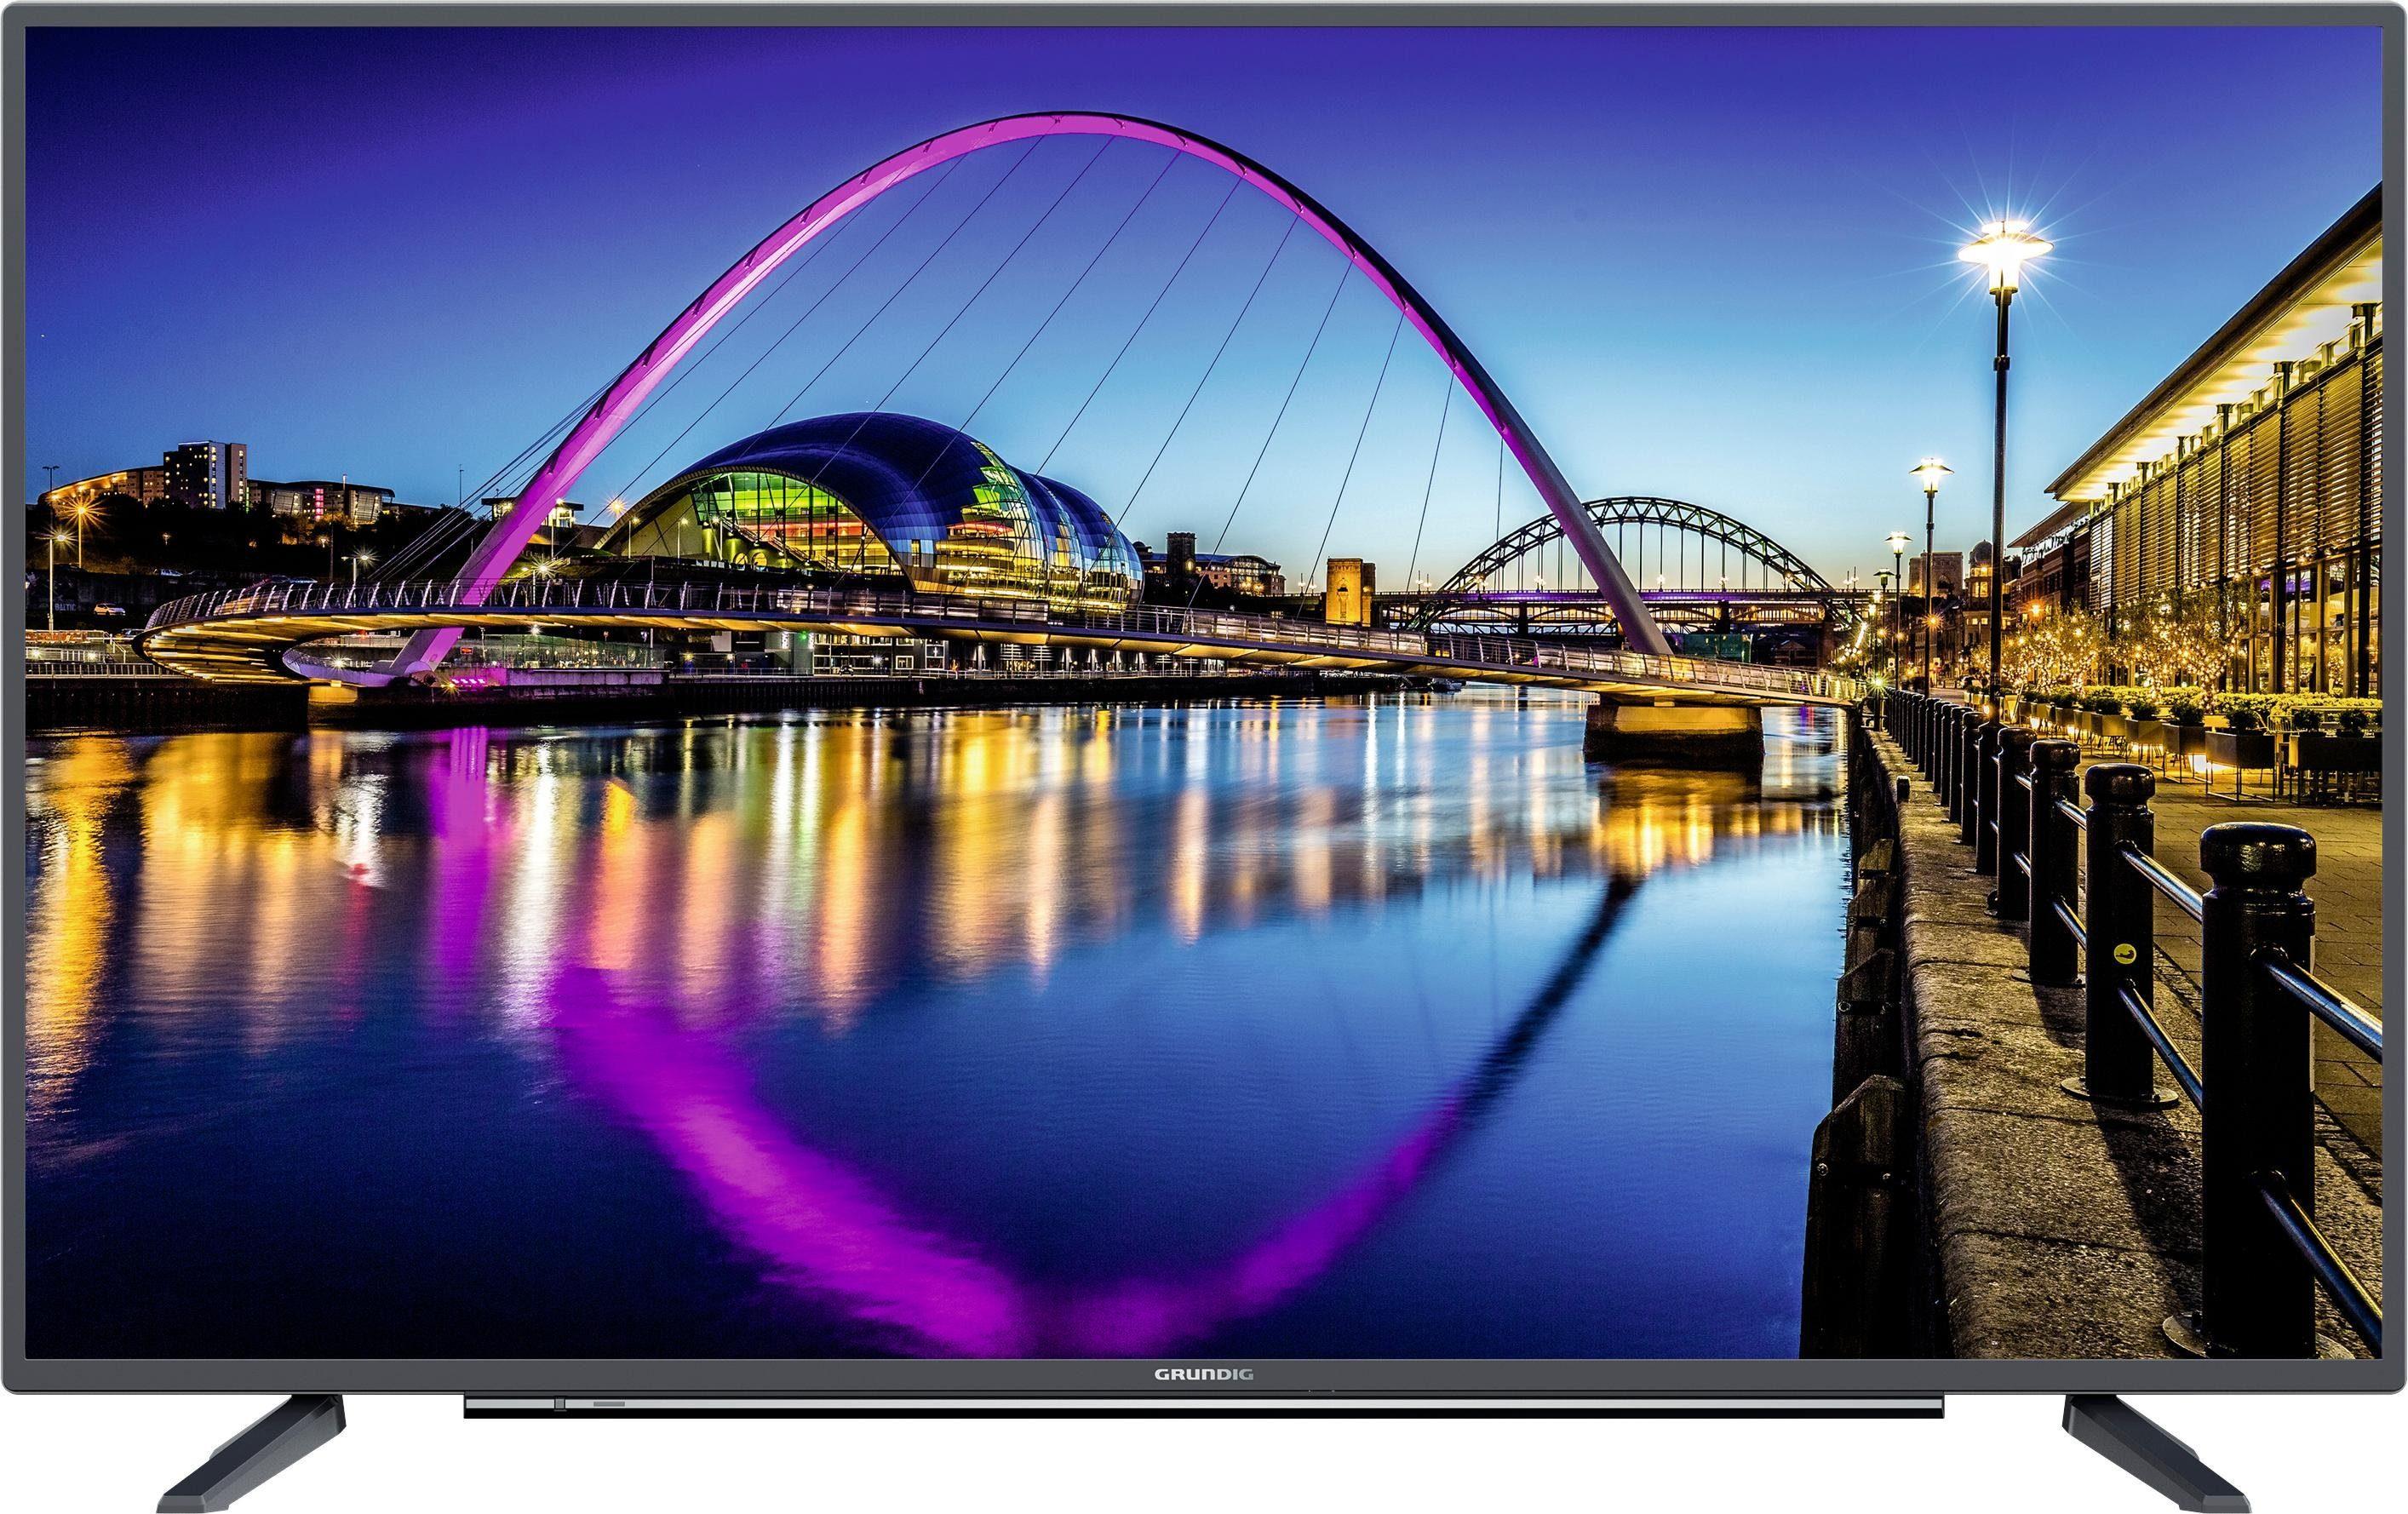 Grundig 32 GFT 6820 LED-Fernseher (32 Zoll, Full HD, Smart-TV)